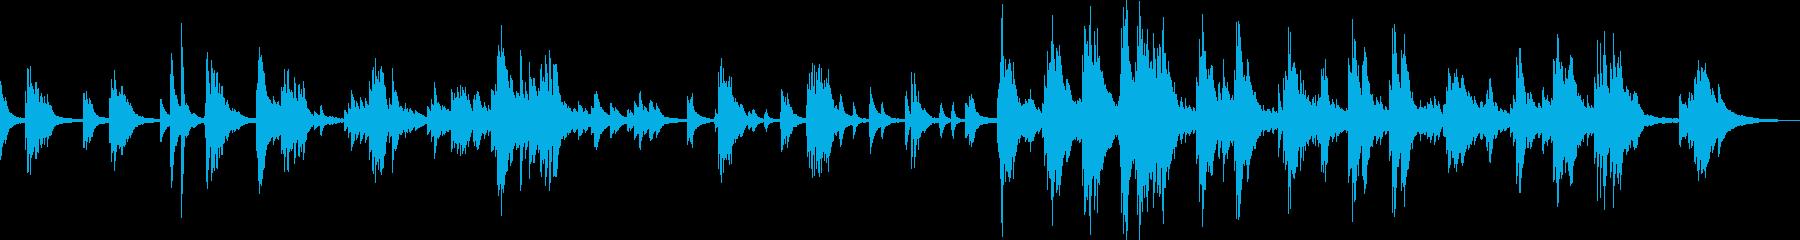 悲しい・切ないピアノバラードの再生済みの波形